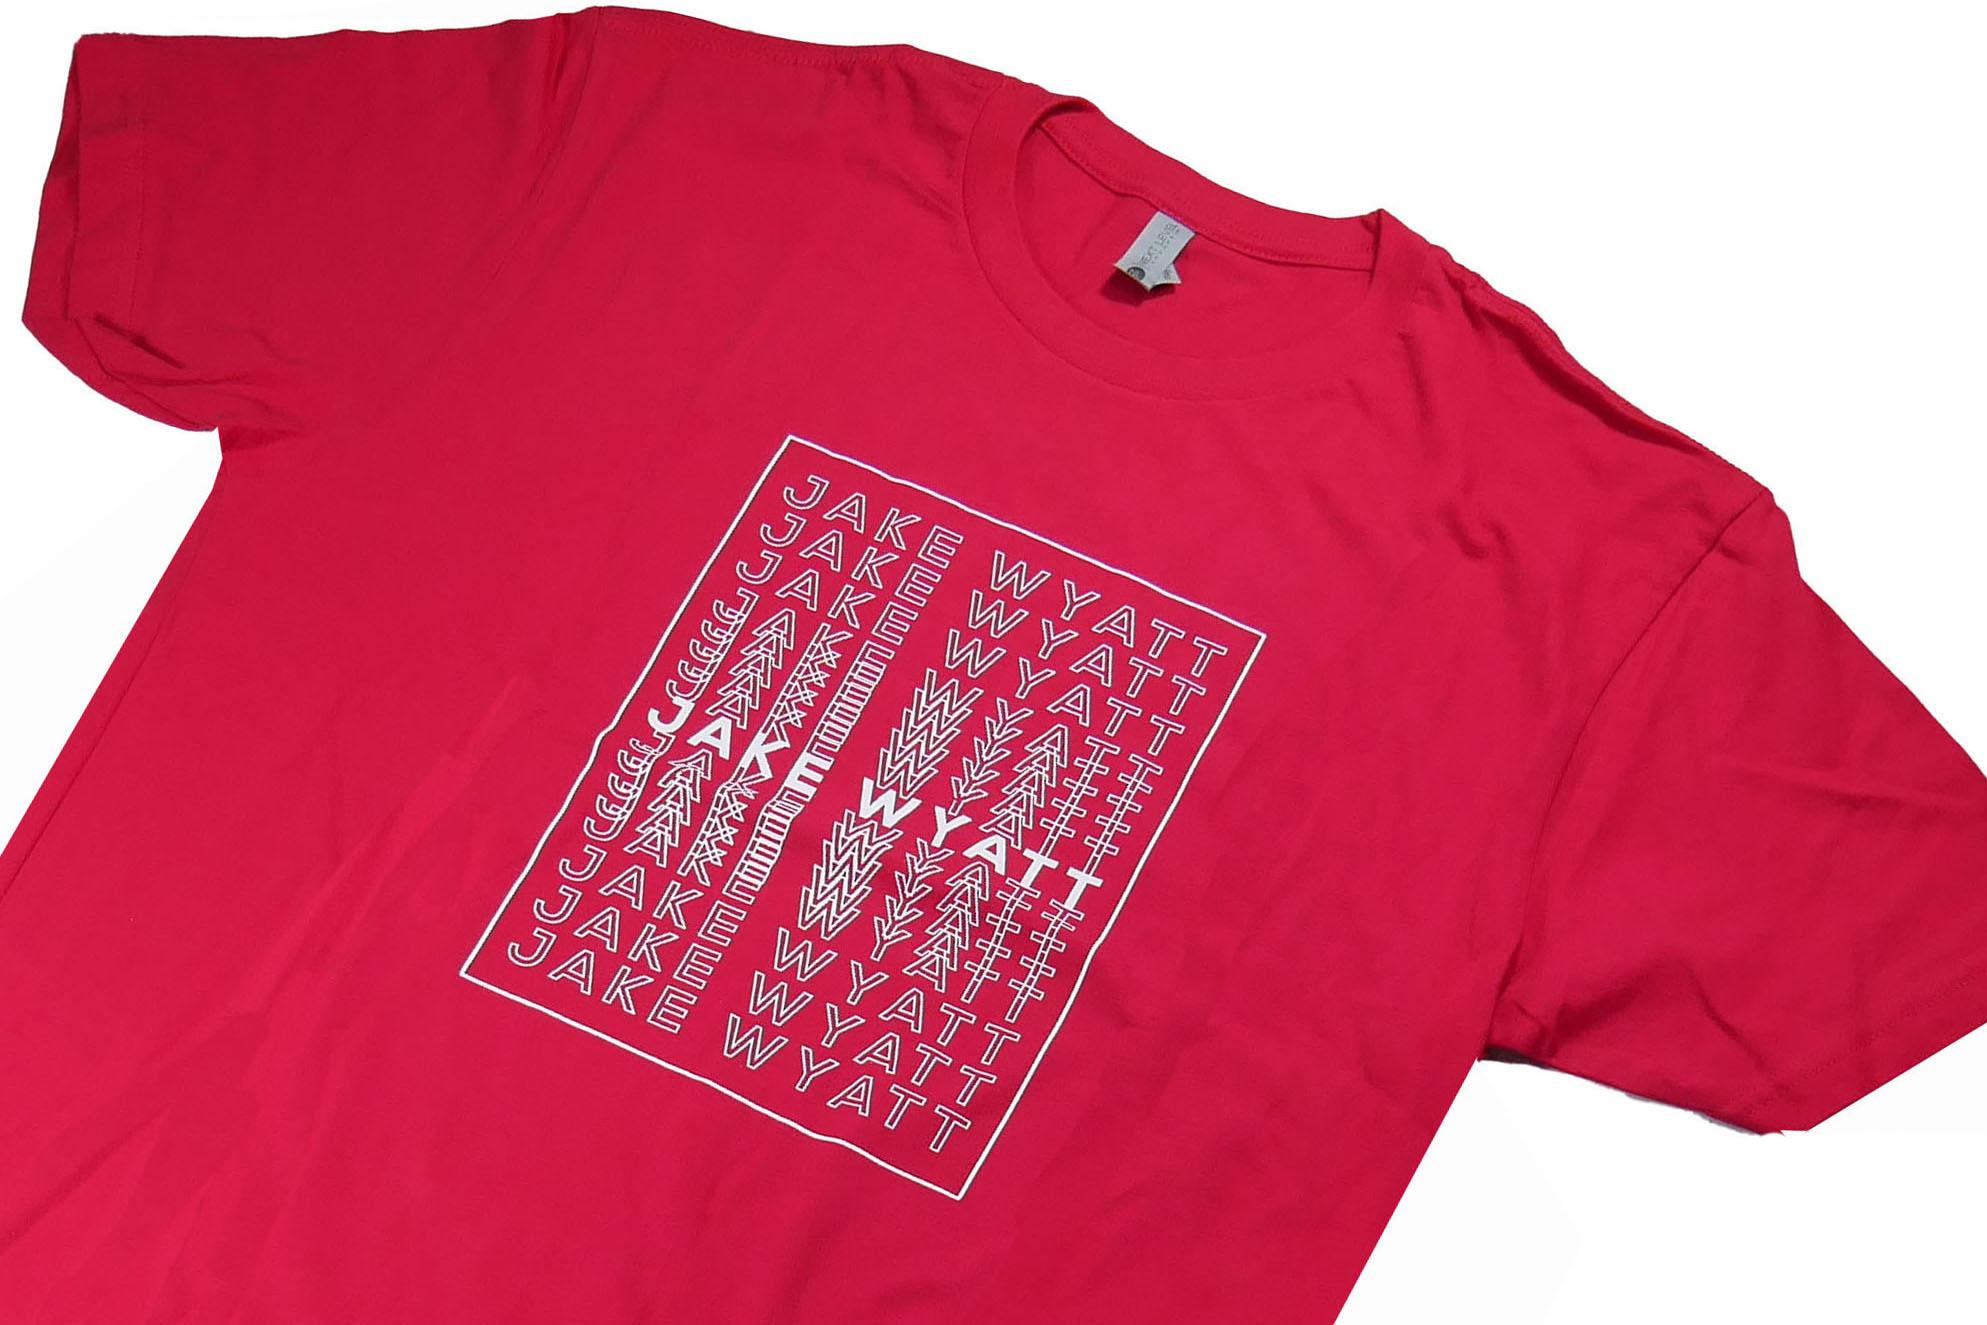 Jake Wyatt Cigar Co. T-Shirt - Red